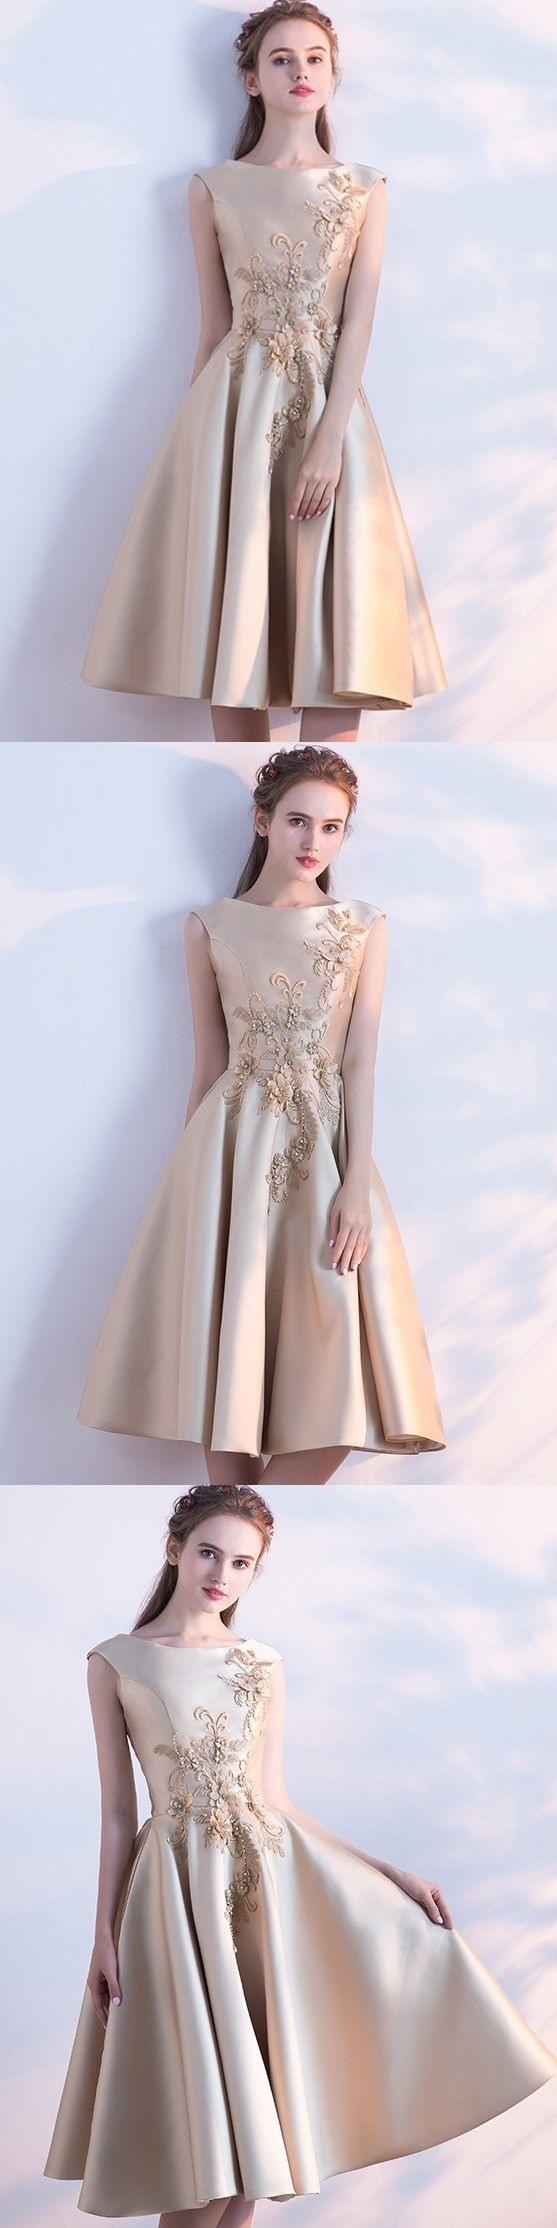 Abend Schön Schöne Kleider Für Besondere Anlässe Vertrieb20 Fantastisch Schöne Kleider Für Besondere Anlässe Spezialgebiet